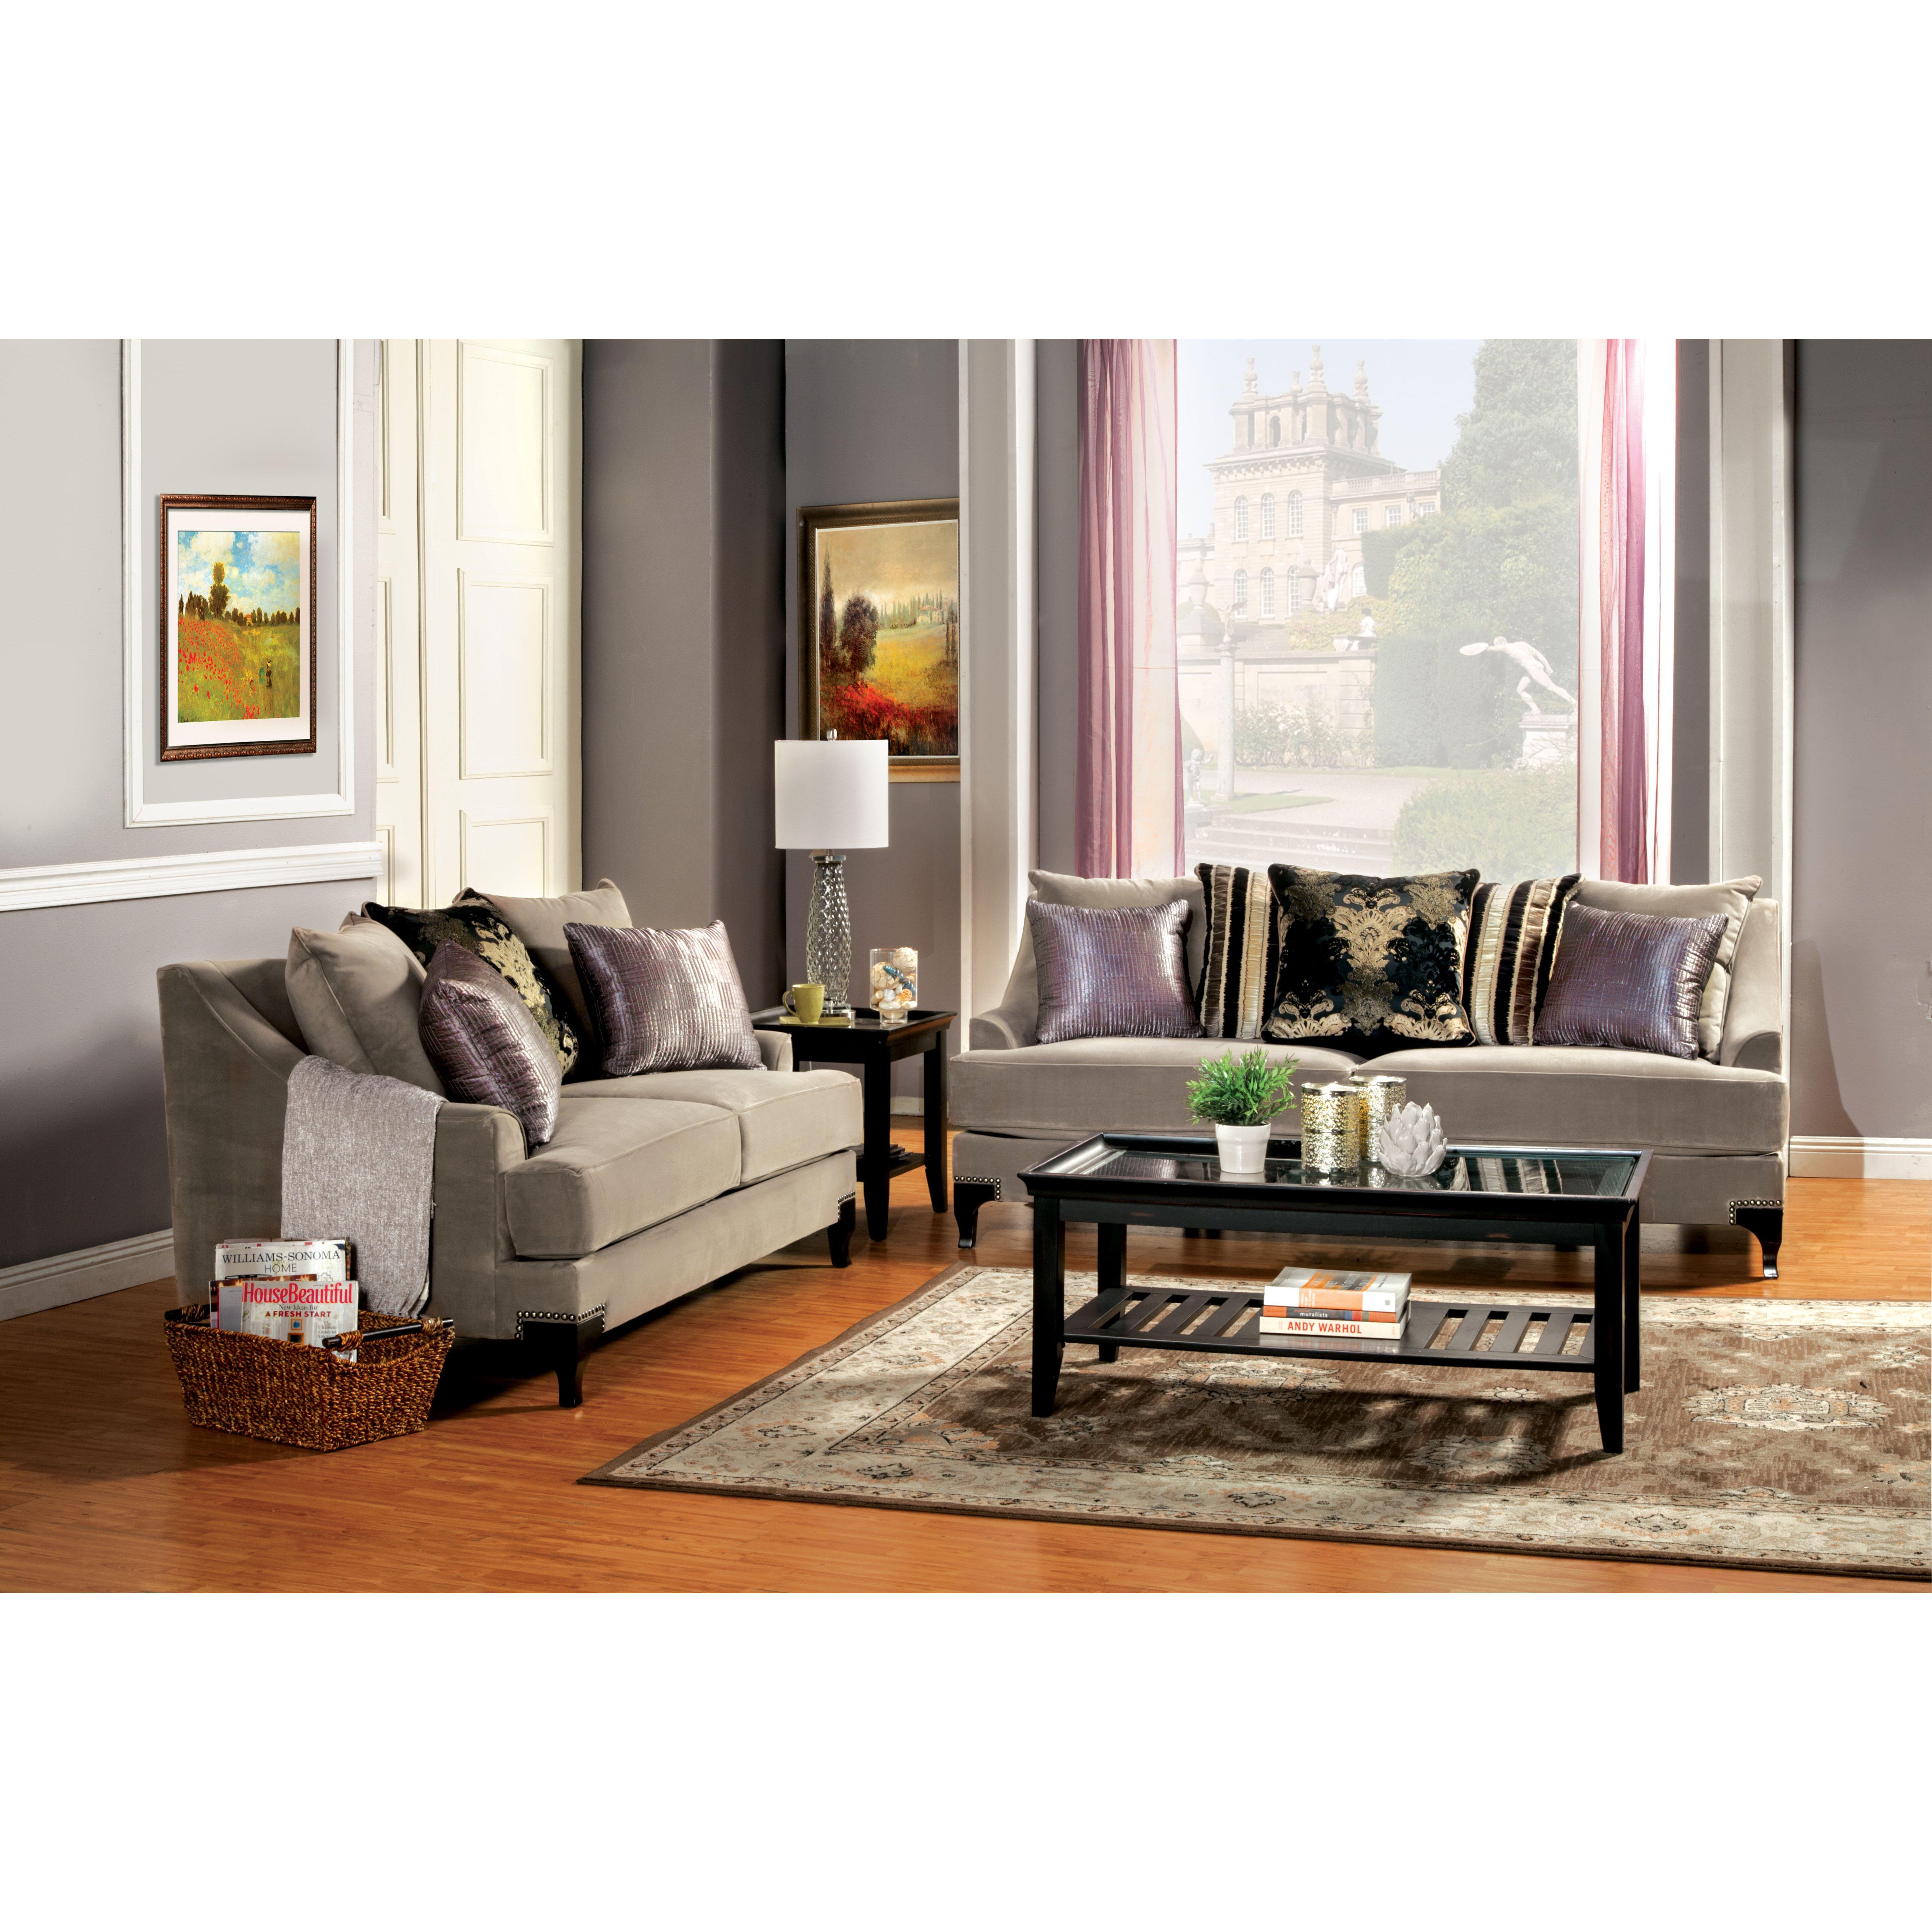 Hokku designs gianna living room collection reviews for Hokku designs living room furniture